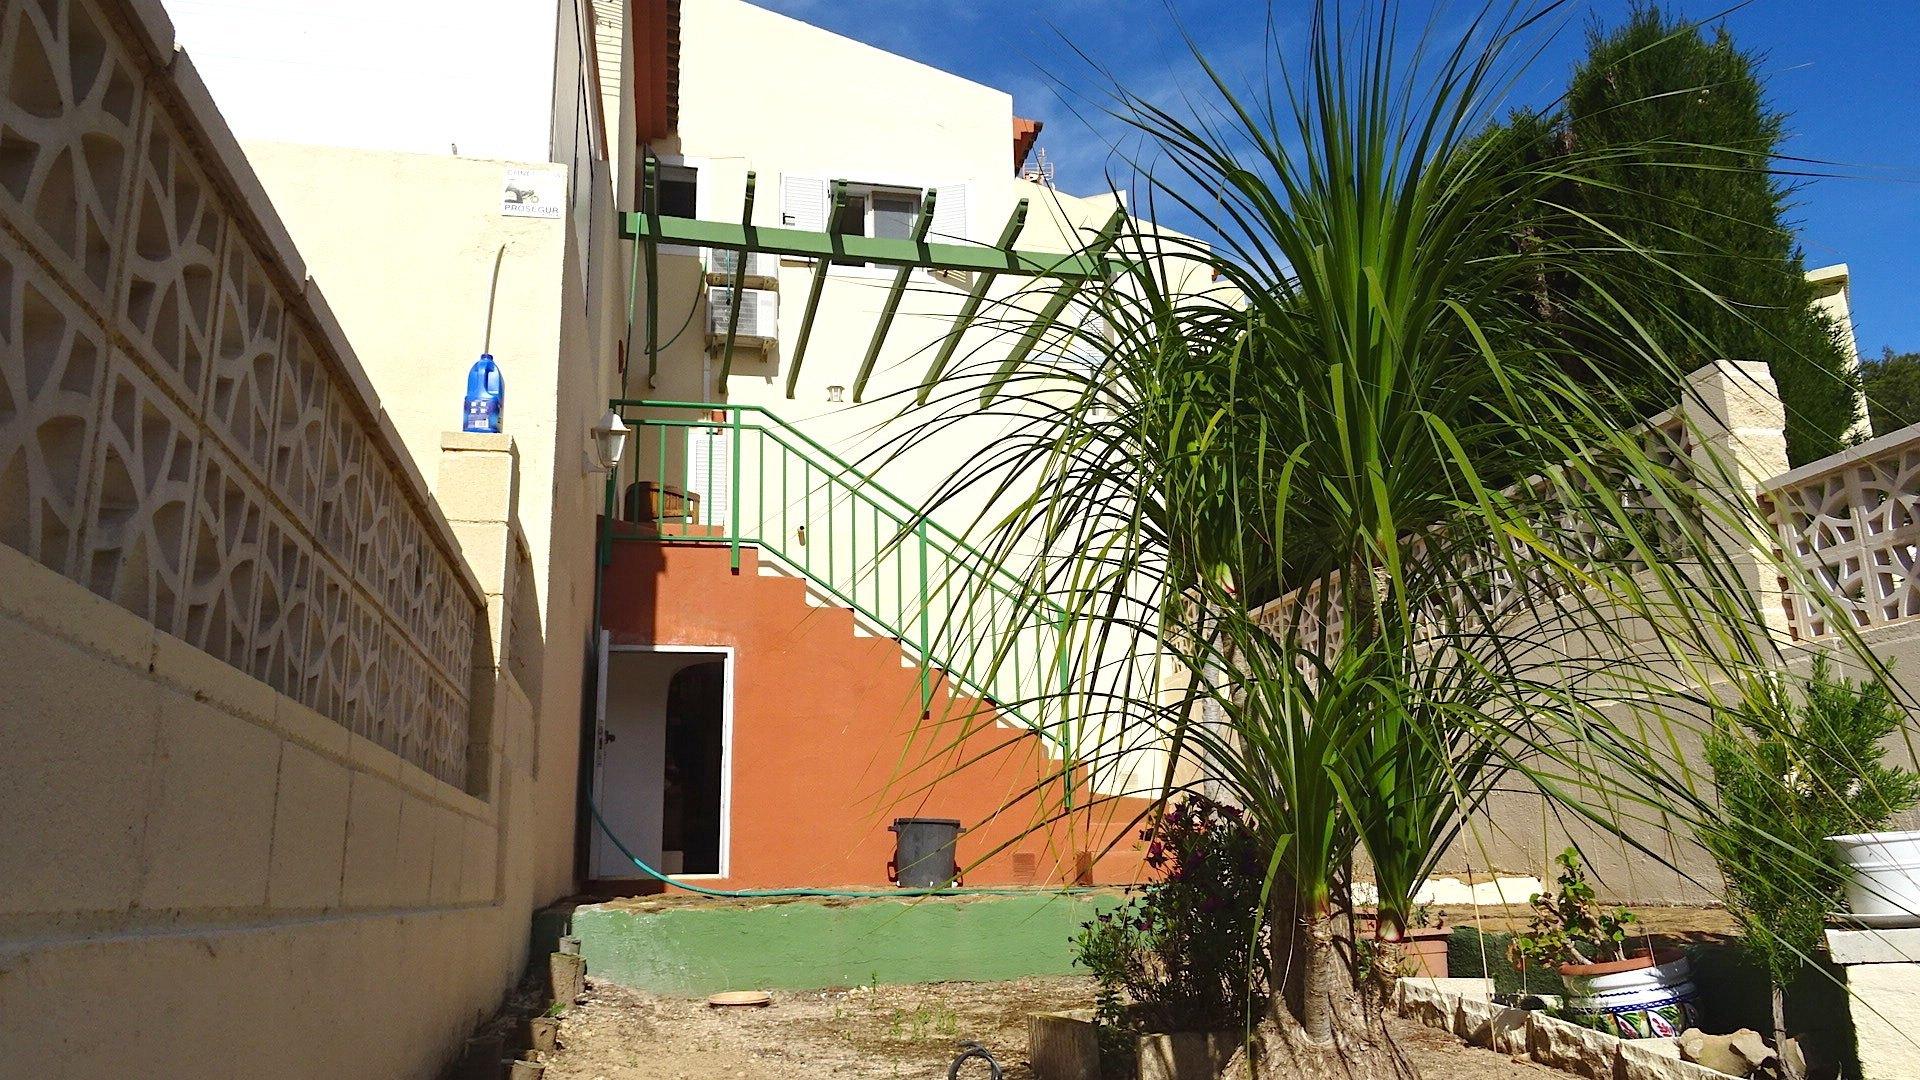 Bungalow en venta en La Nucia, con vistas al mar